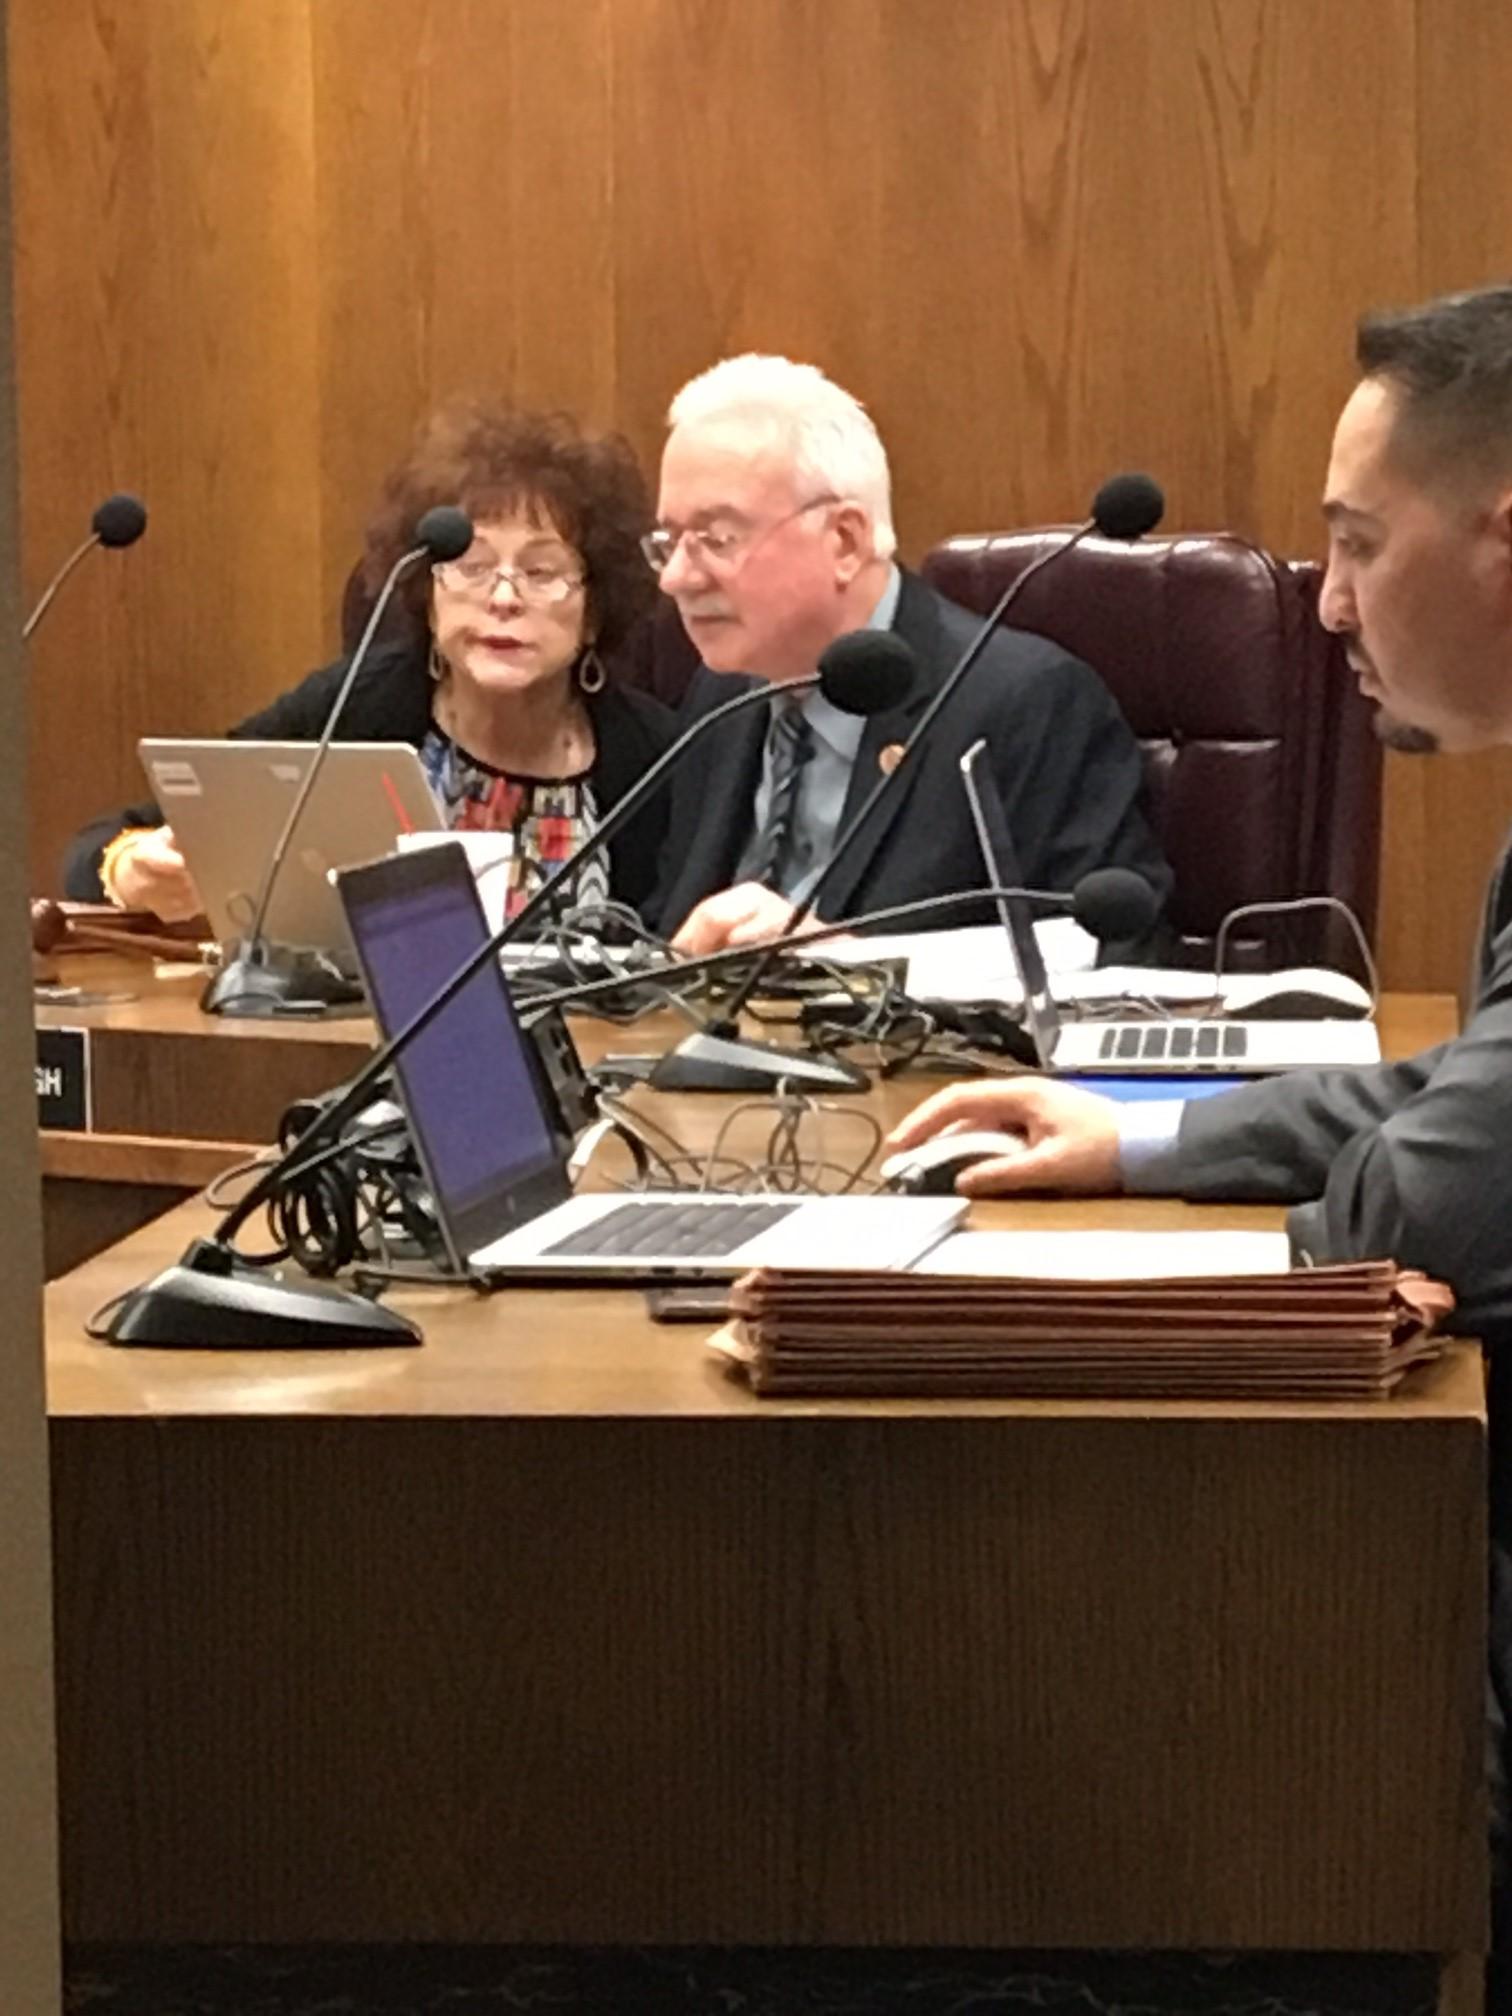 John Kavanagh es el autor de la ley SB 1017 que impediría que la ciudad de Phoenix creará su propia forma de identificación.